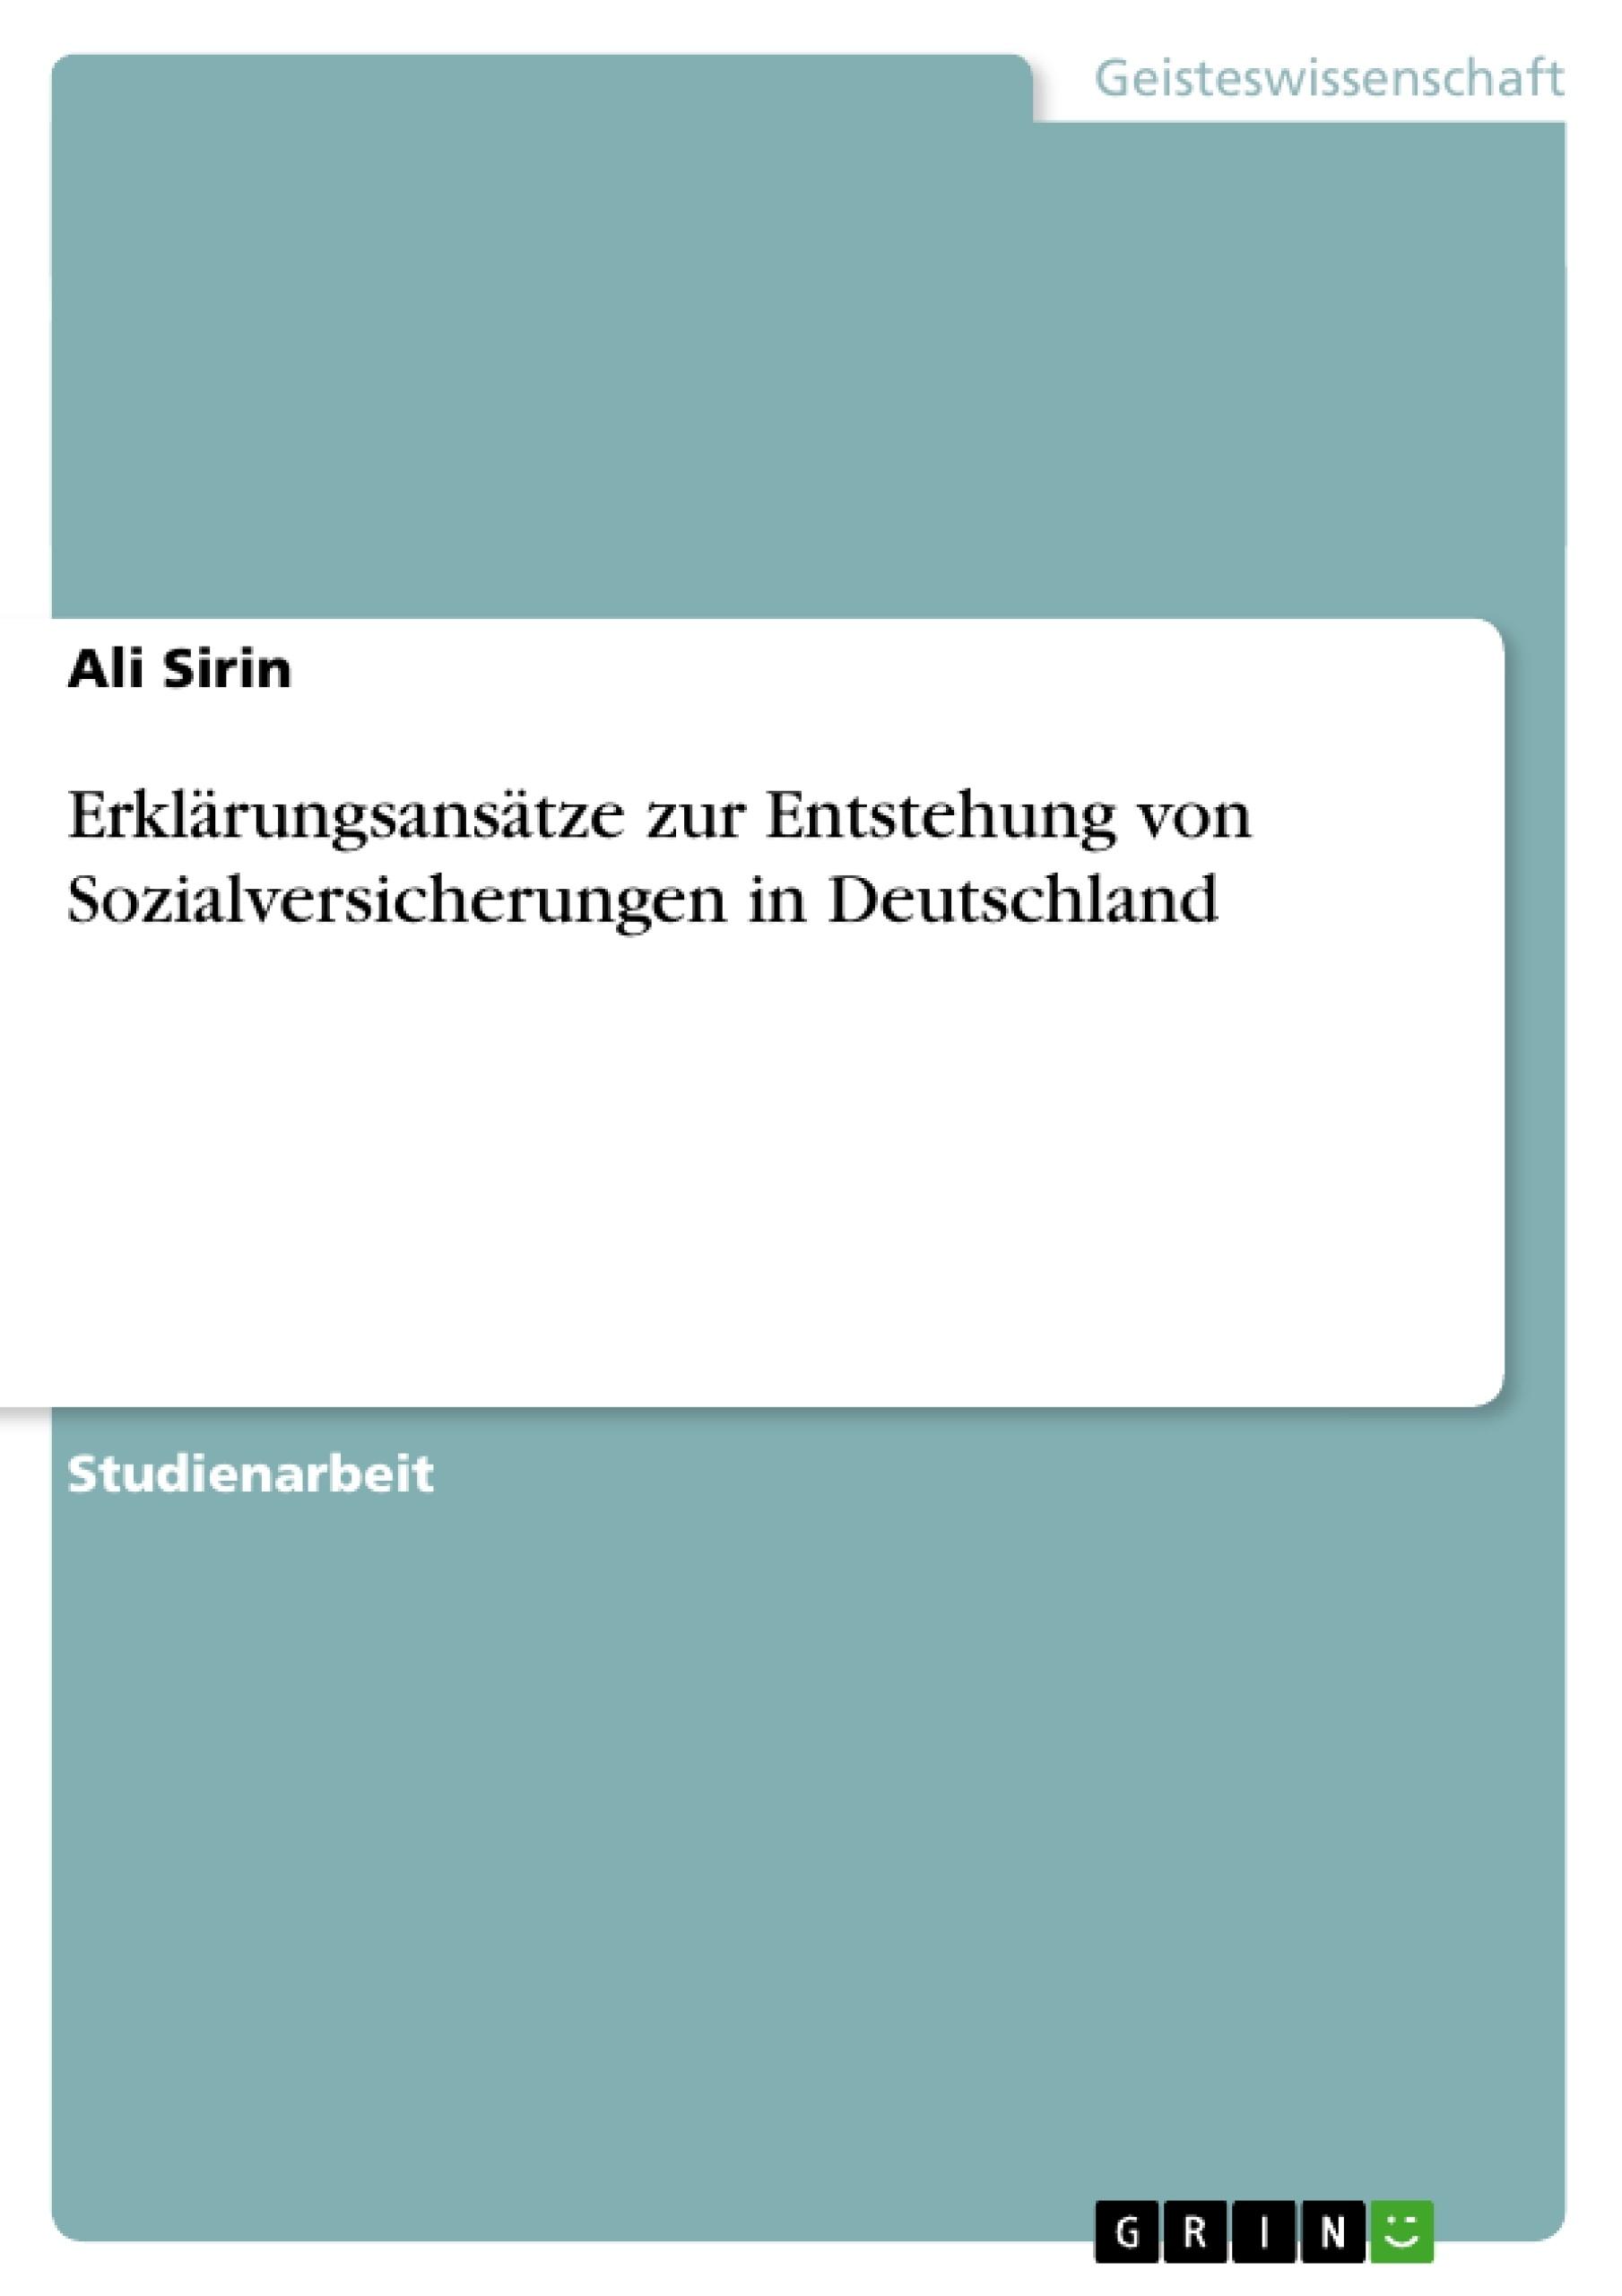 Titel: Erklärungsansätze zur Entstehung von Sozialversicherungen in Deutschland